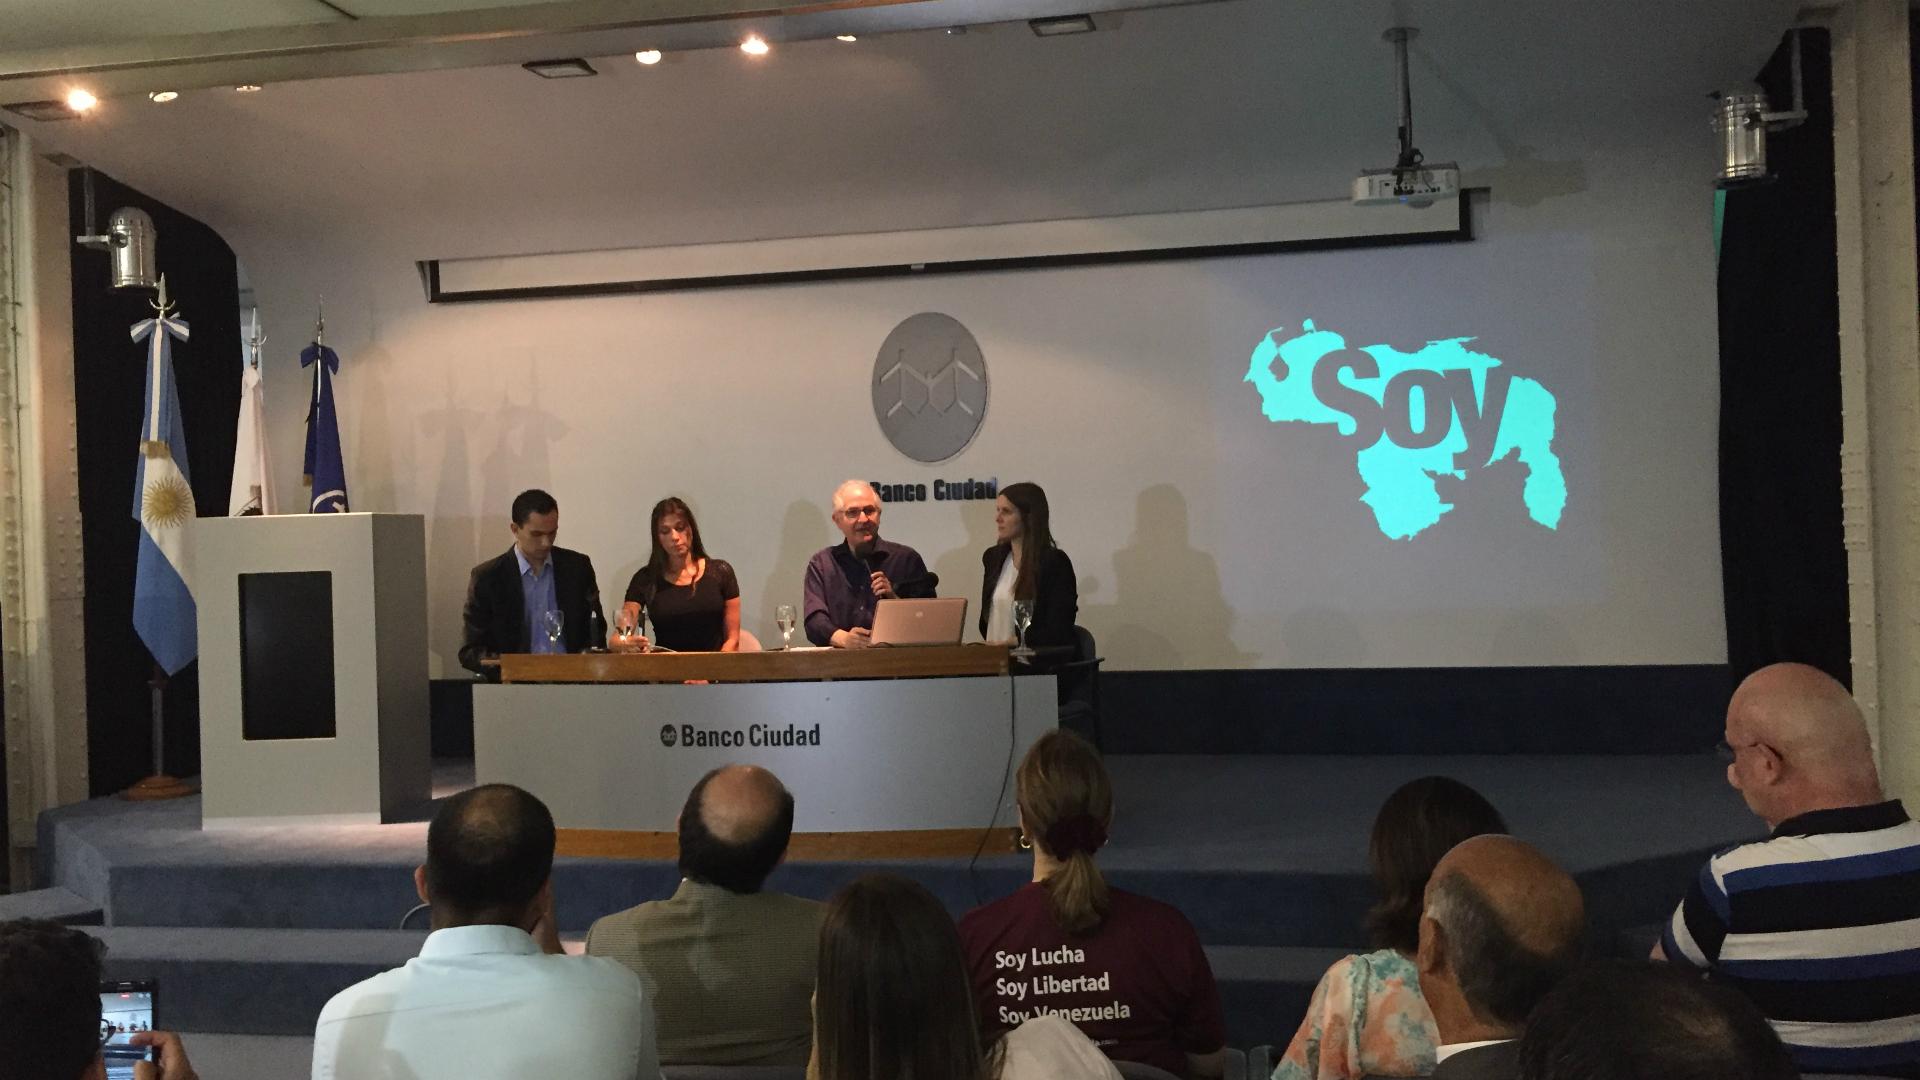 Antonio Ledezma ofreció una conferencia en el auditorio del Banco Ciudad de Buenos Aires, Argentina, junto a su compatriota la actriz Catherine Fulop